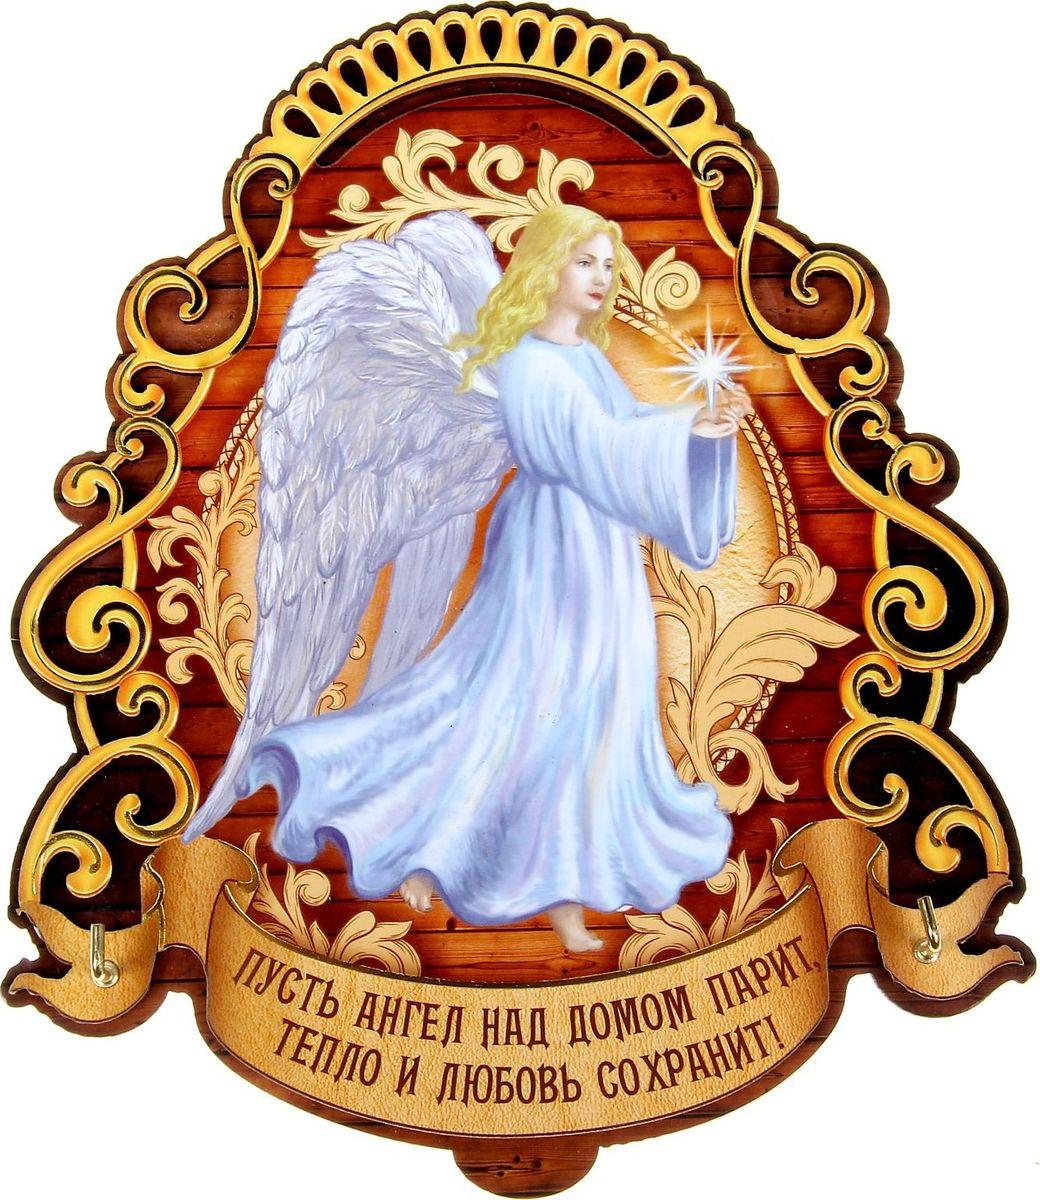 Ключница настенная Пусть Ангел тепло и любовь сохранит, 16,5 х 14 х 1,5 см1101540Если каждый раз, выходя из дома, вы устраиваете очередной поиск ключей по горячим следам, то вам непременно нужно специальное место для их хранения. Ключница Пусть Ангел тепло и любовь сохранит станет полезным и очень красивым приобретением для вашего дома и уникальным подарком. Прикрепите её на удобное место в прихожей, и ваши ключи всегда будут под рукой. Интересное высказывание и оригинальный рисунок эксклюзивного дизайна &mdash яркий и гостеприимный штрих вашего дома. Изделие сделано из фанеры и покрыто ярким печатным принтом. Ключница имеет два надёжных металлических крючка золотистого цвета, на которых удобно разместятся драгоценные ключи. Оригинальная подарочная упаковка становится отличным обрамлением изделия и делает его полноценным подарком по поводу и без.